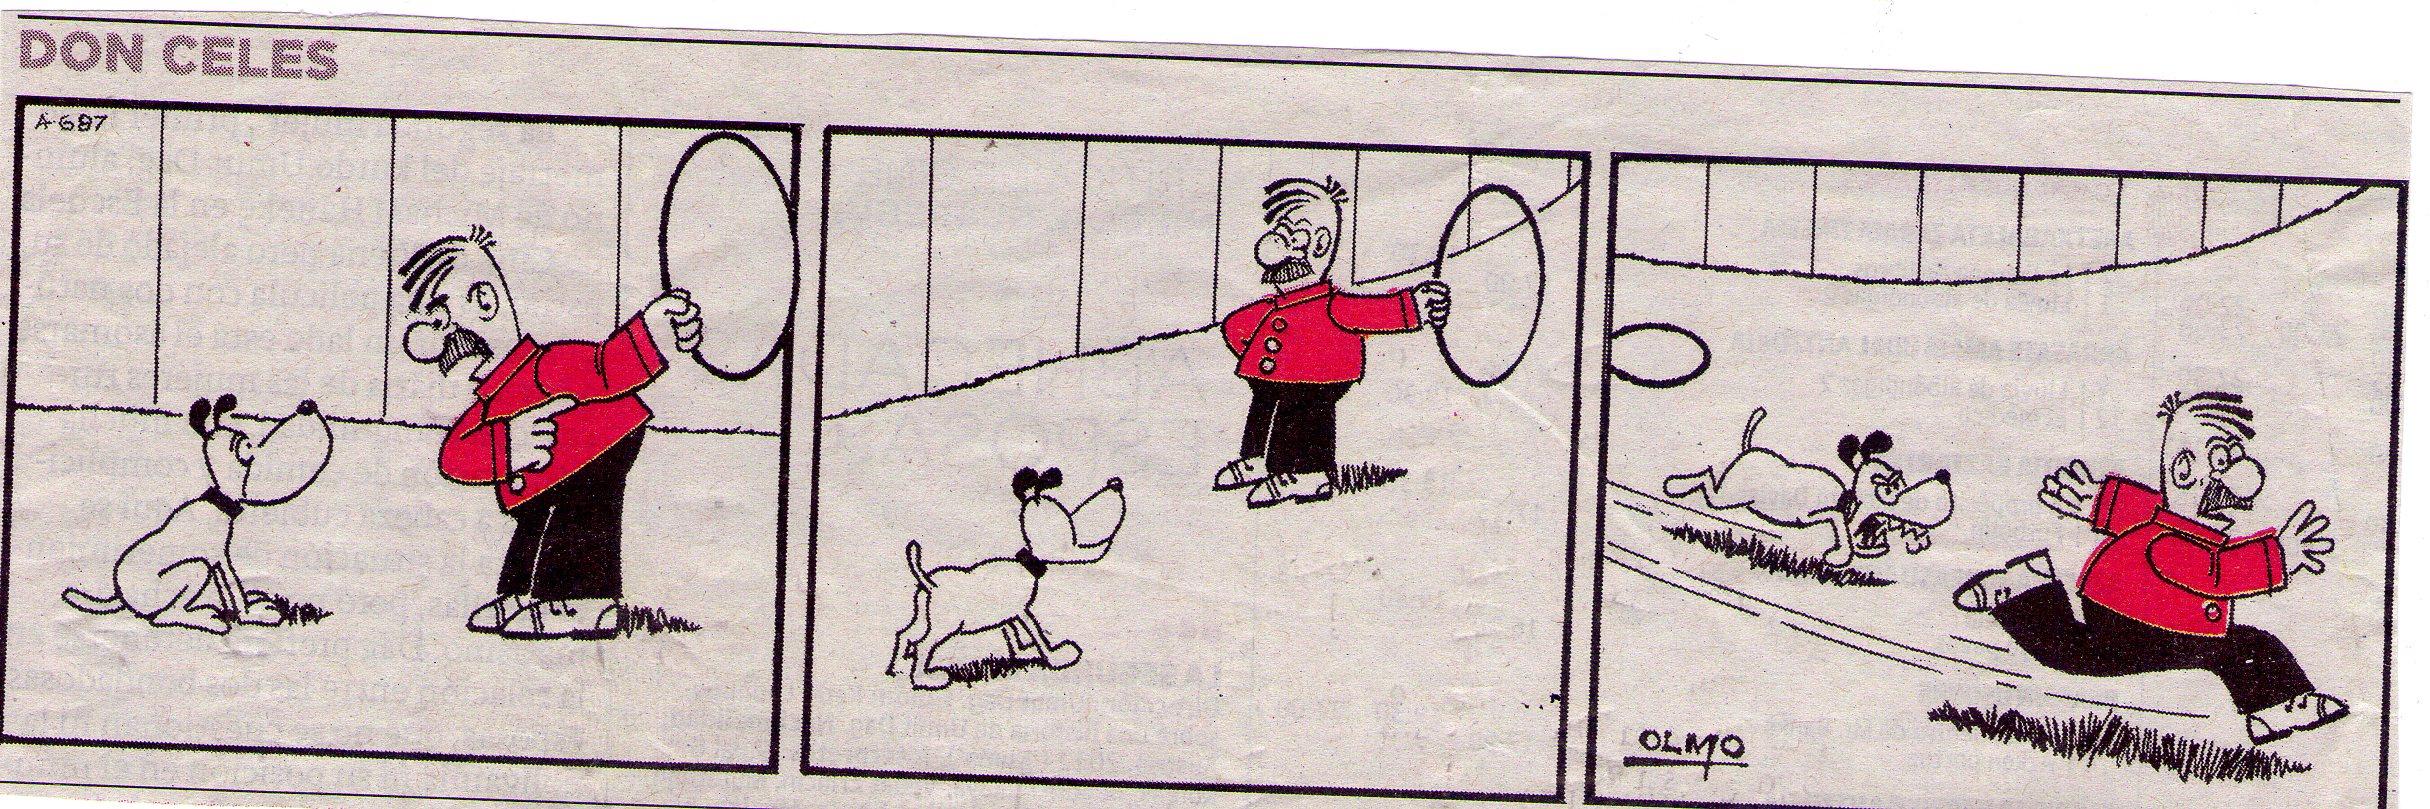 Don Celes hace de domador y es atacado por el perro